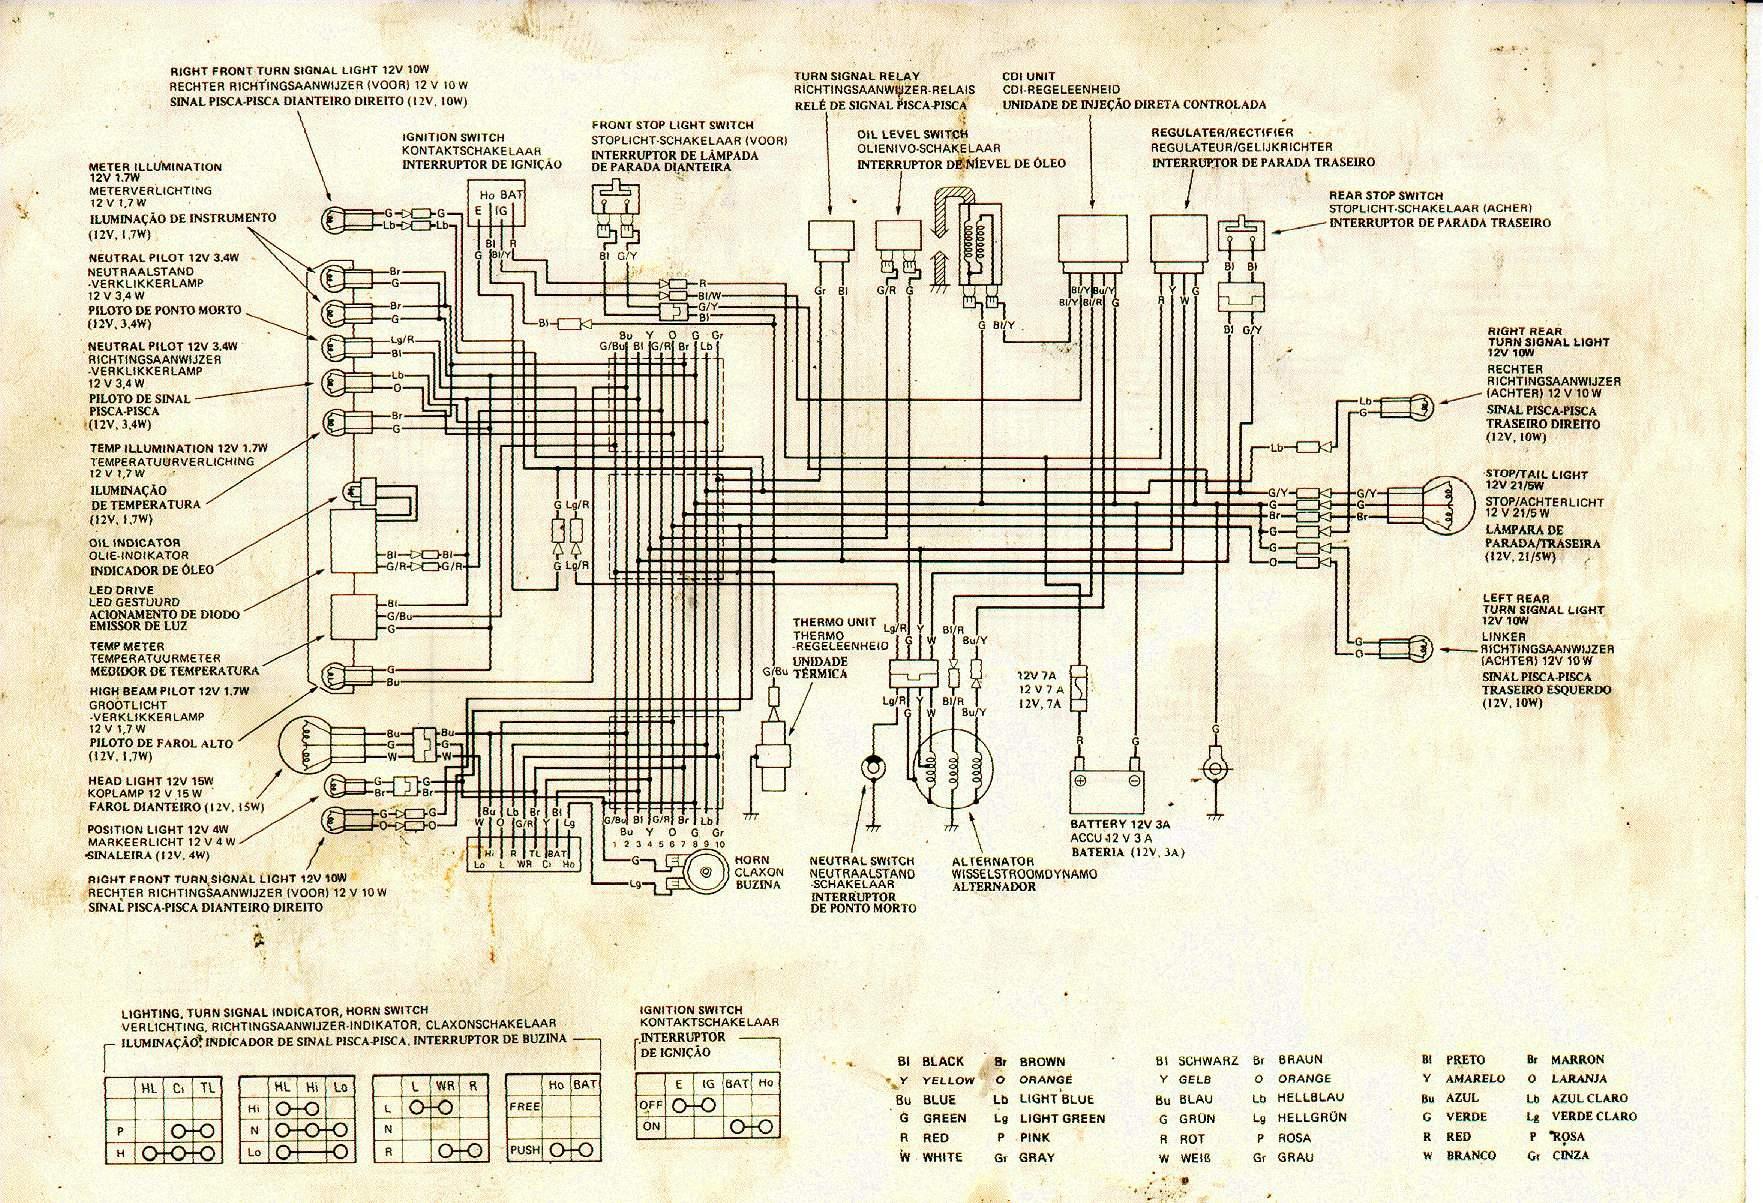 elektik_nsr Ural Wiring Diagram on ural parts, ural engine diagram, ural ignition diagram,